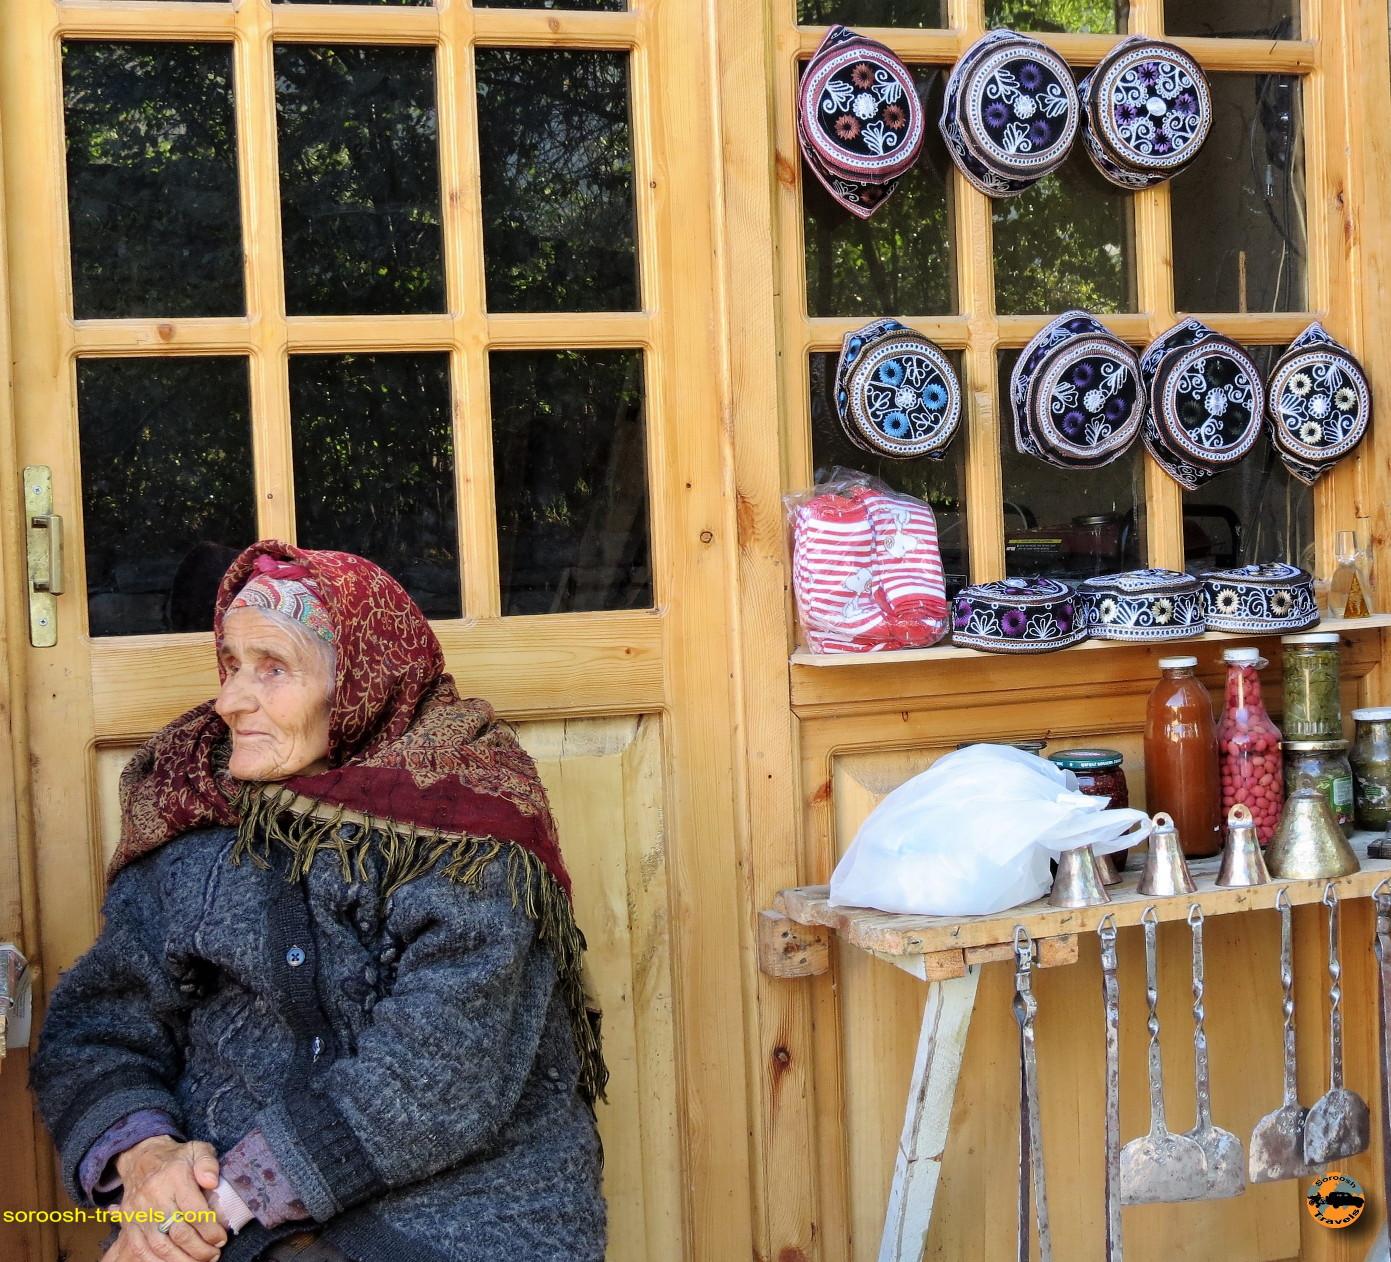 روستای تاریخی لاهیج در کشور آذربایجان – تابستان ۱۳۹۱